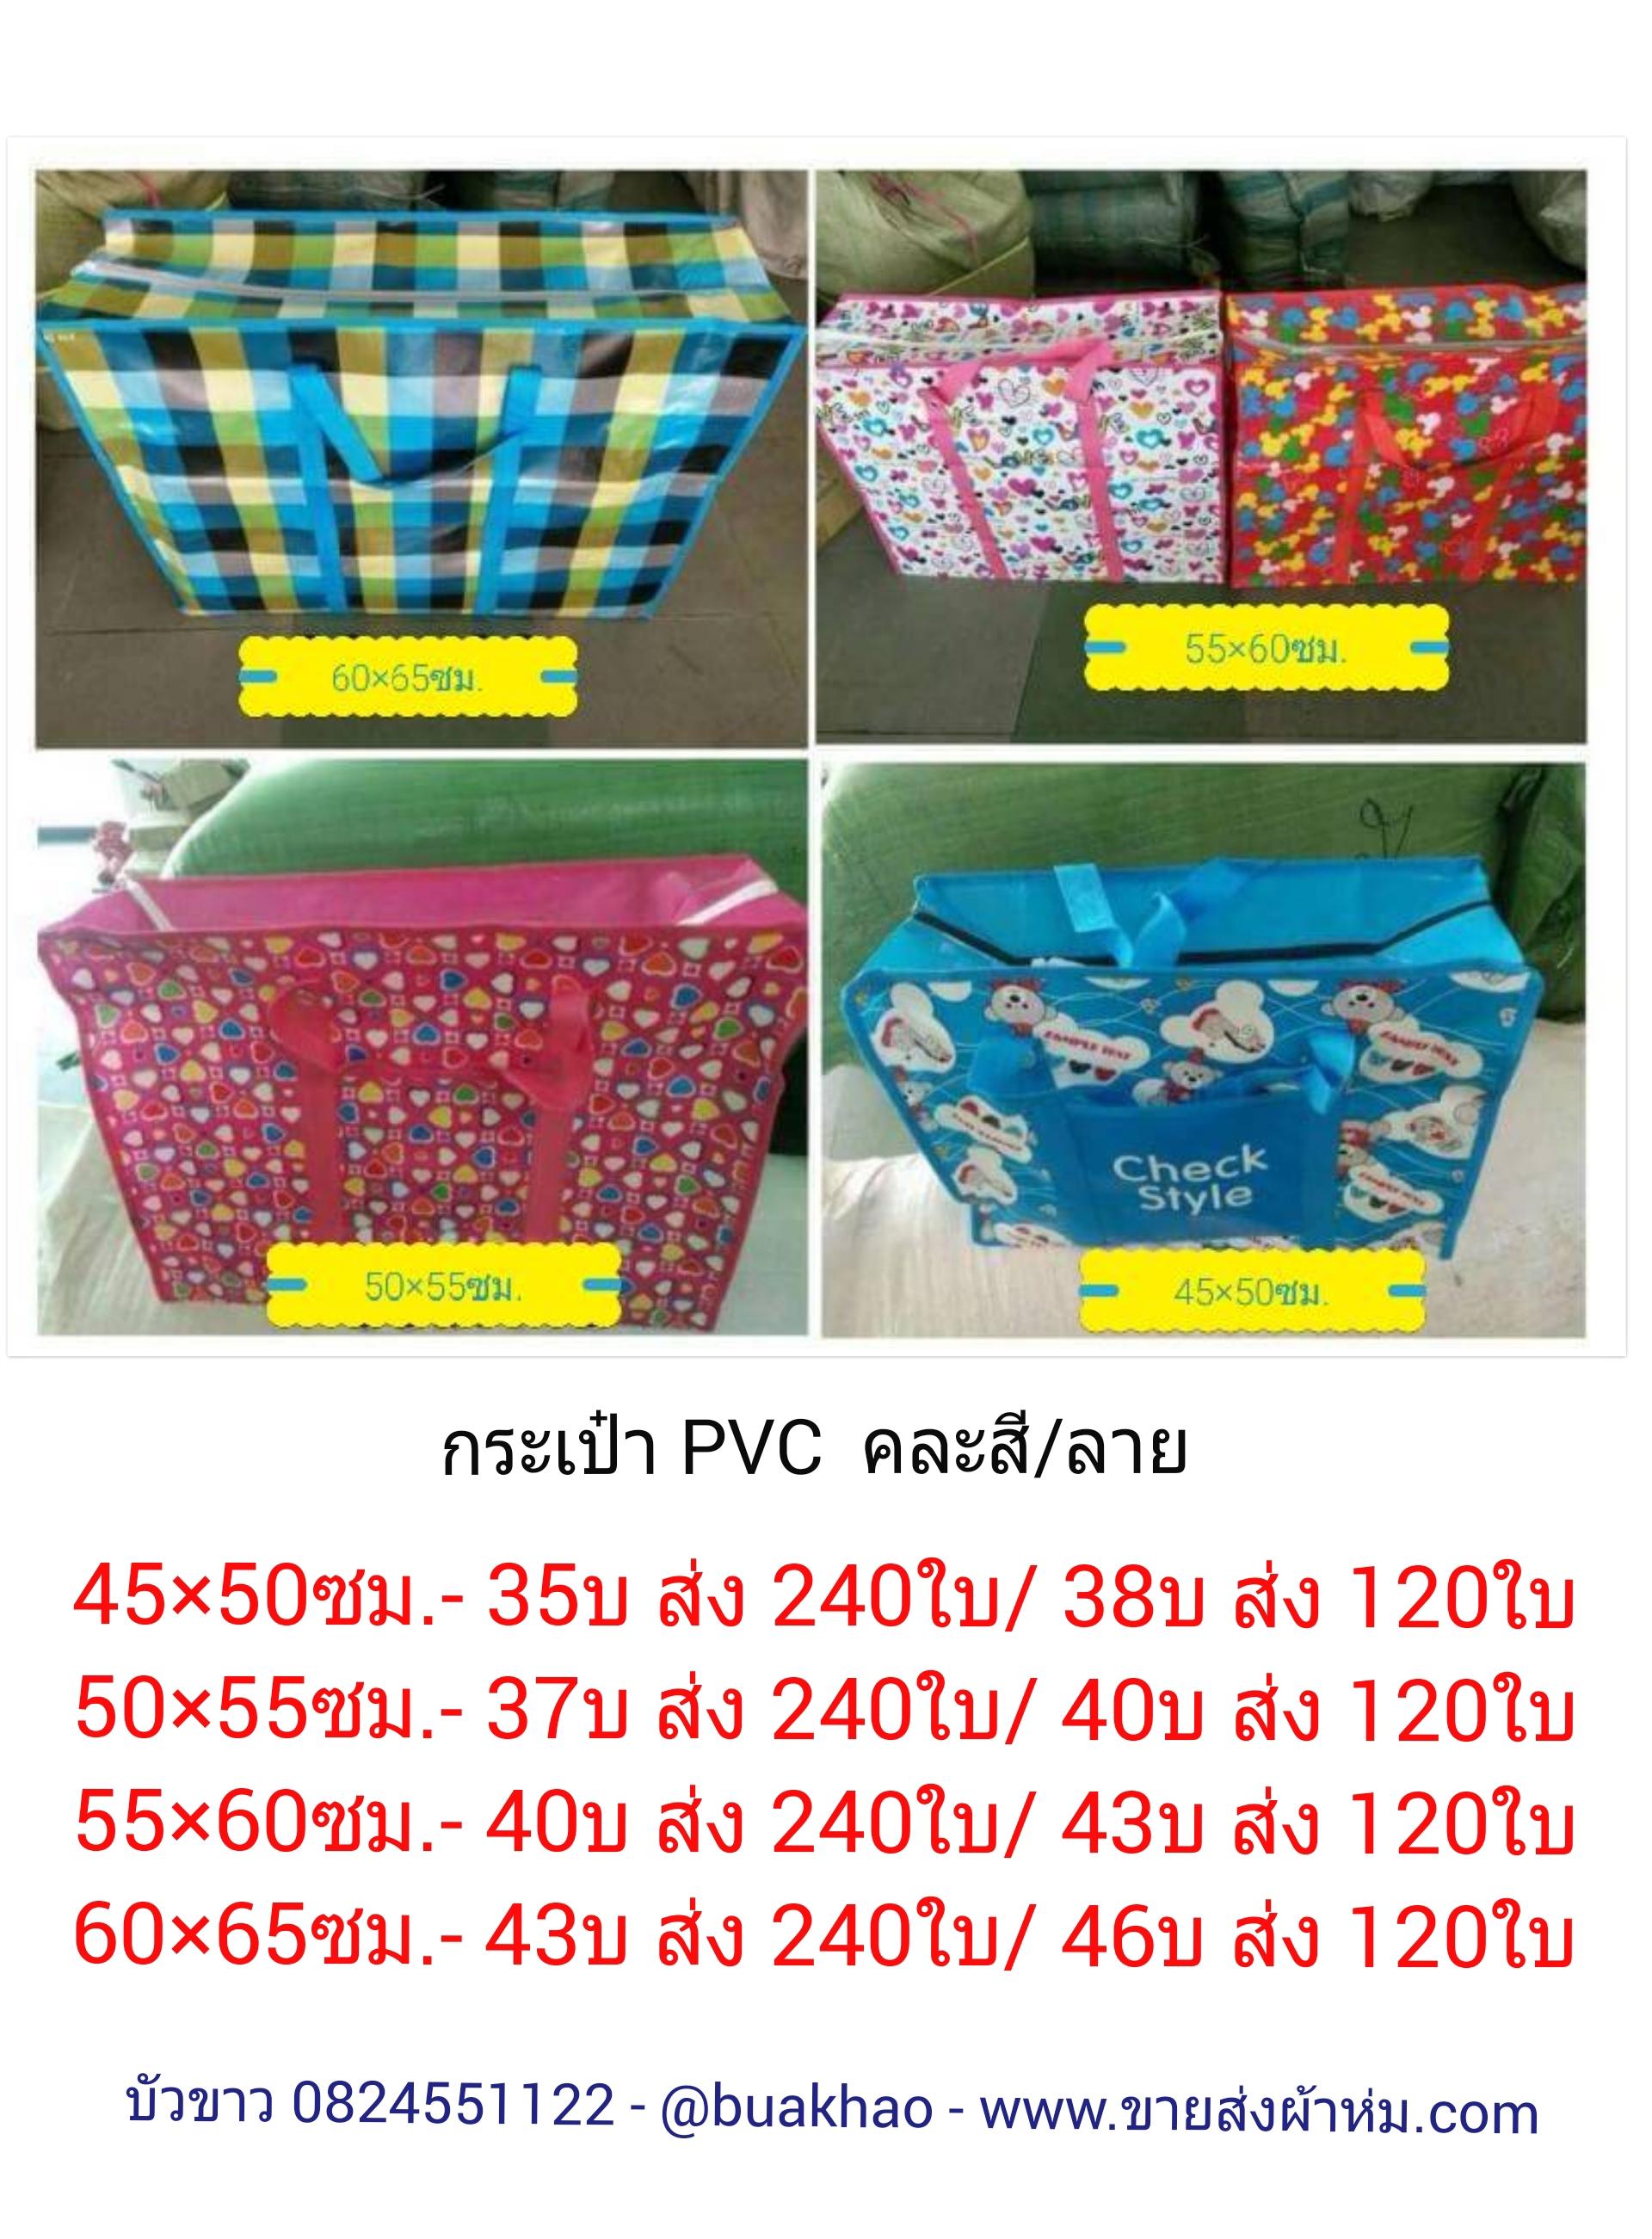 กระเป๋าพีวีซี 55*60ซม ใบละ 43บ ส่ง 120ใบ